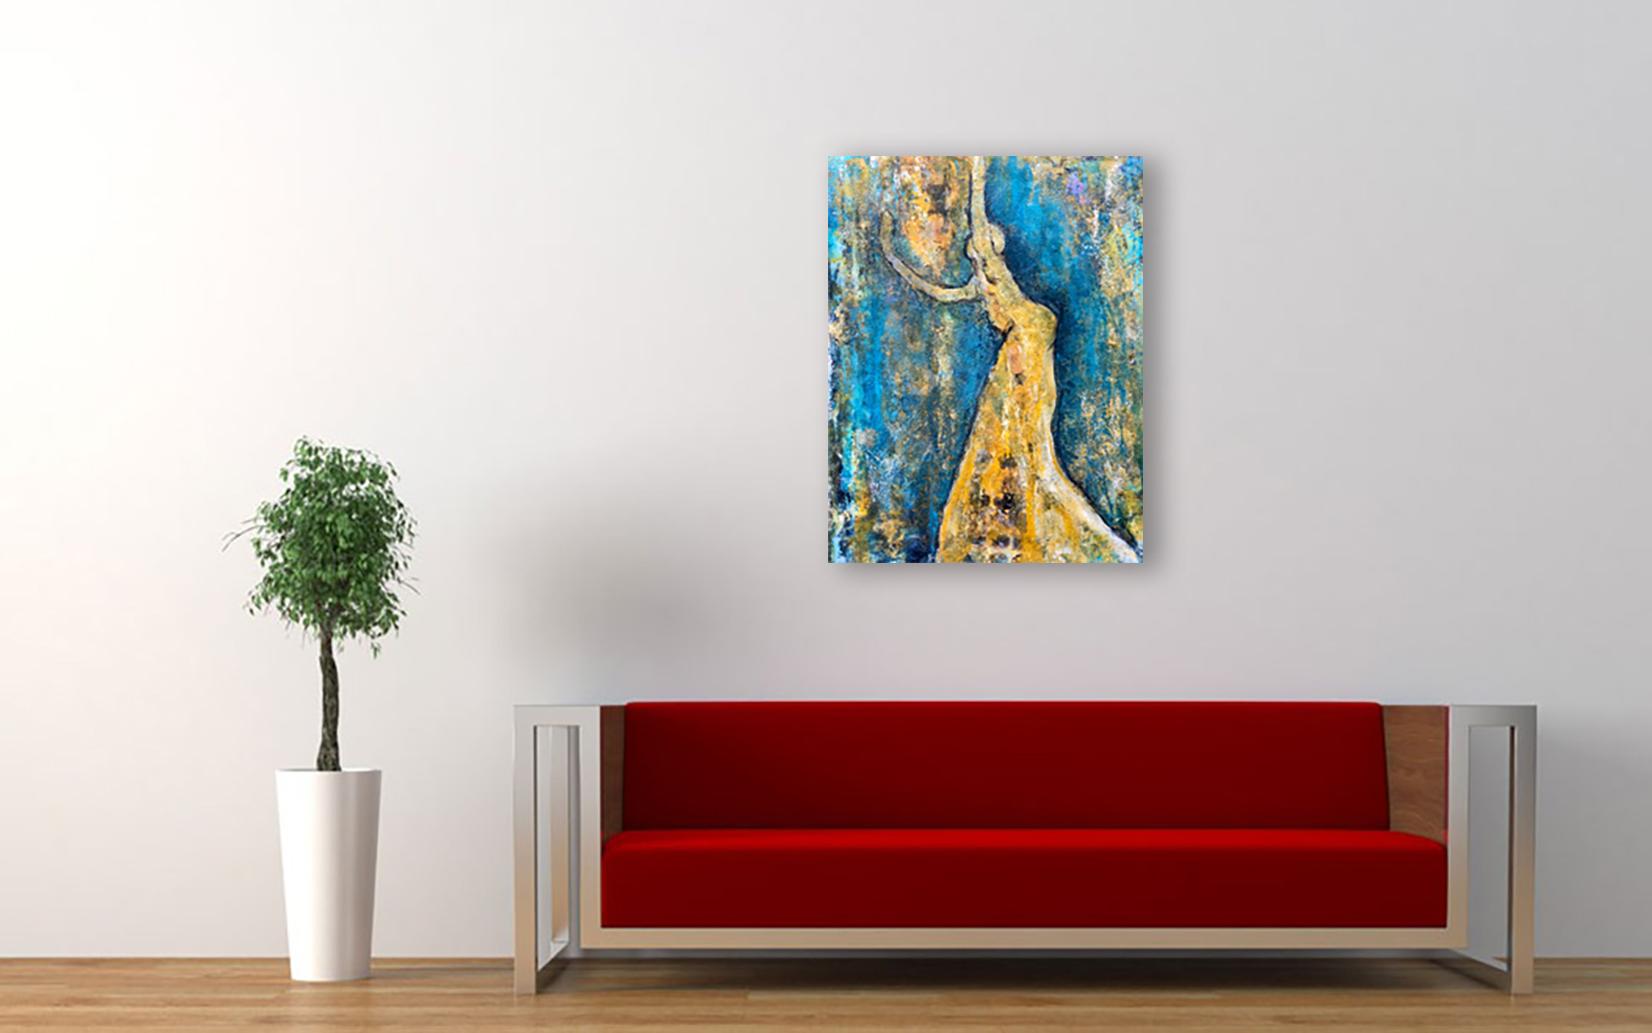 Spieglein Spiegeln an der Wand, over a red sofa.